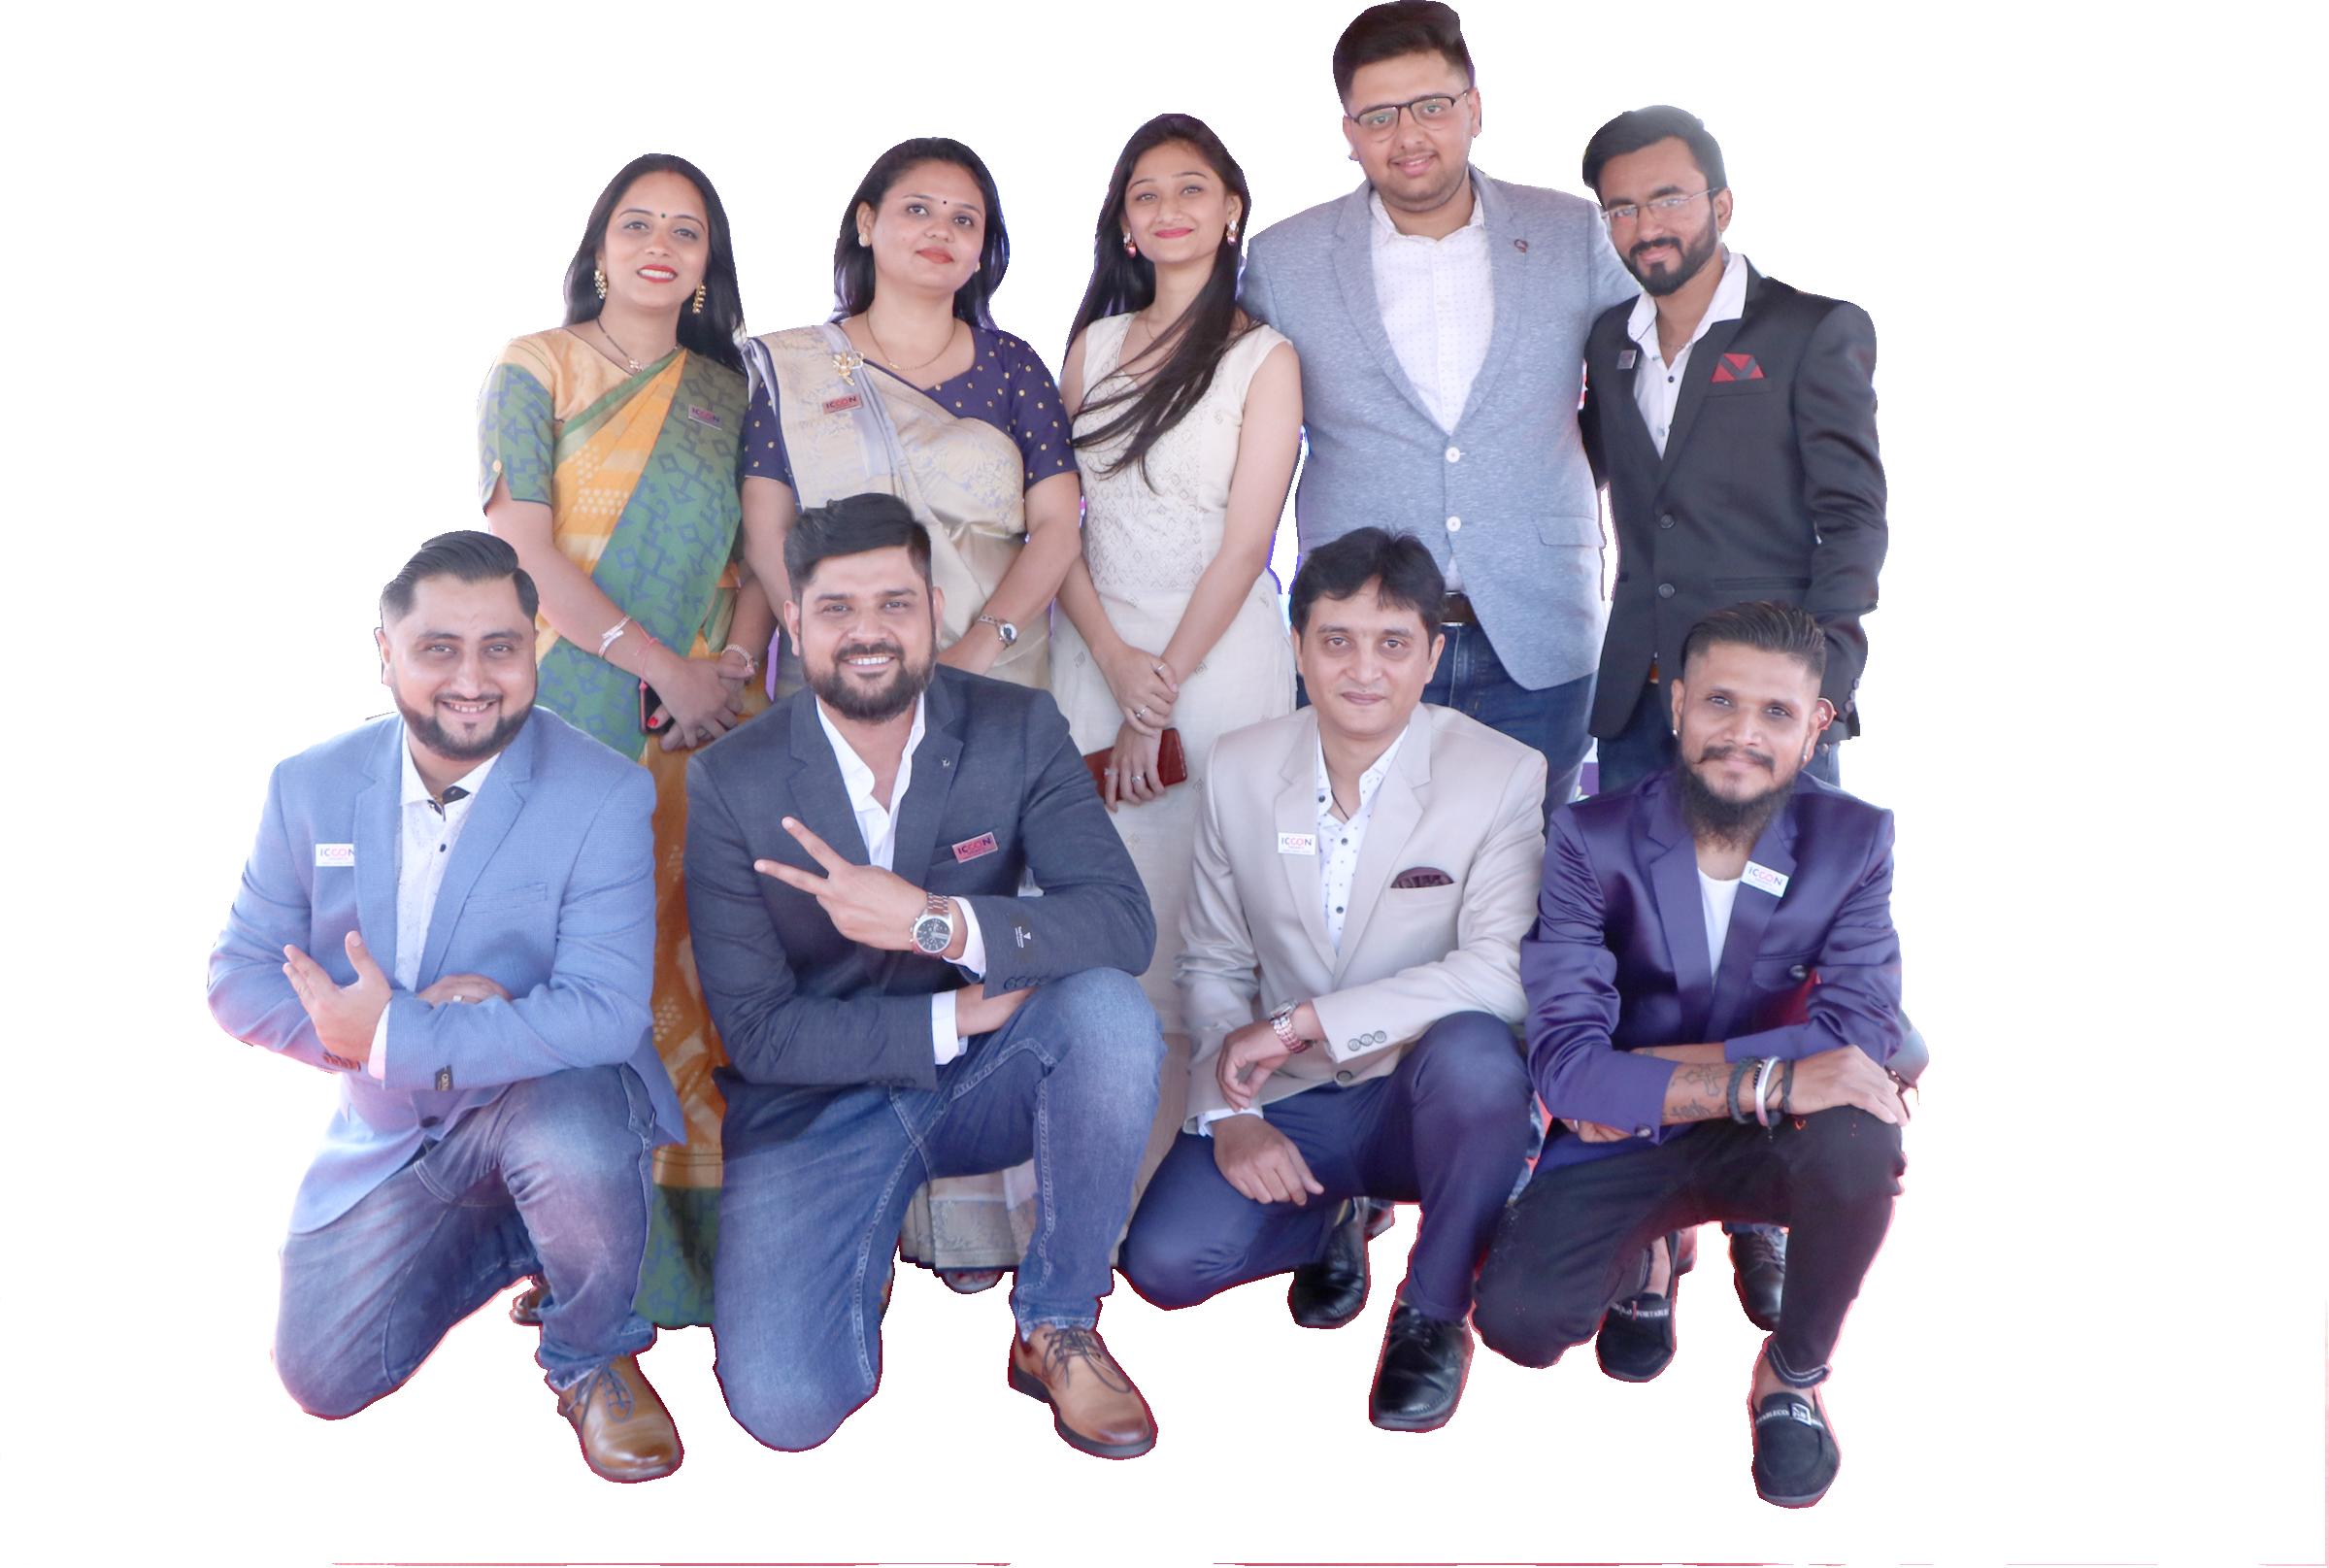 Travel agency in Surat - Gujarat